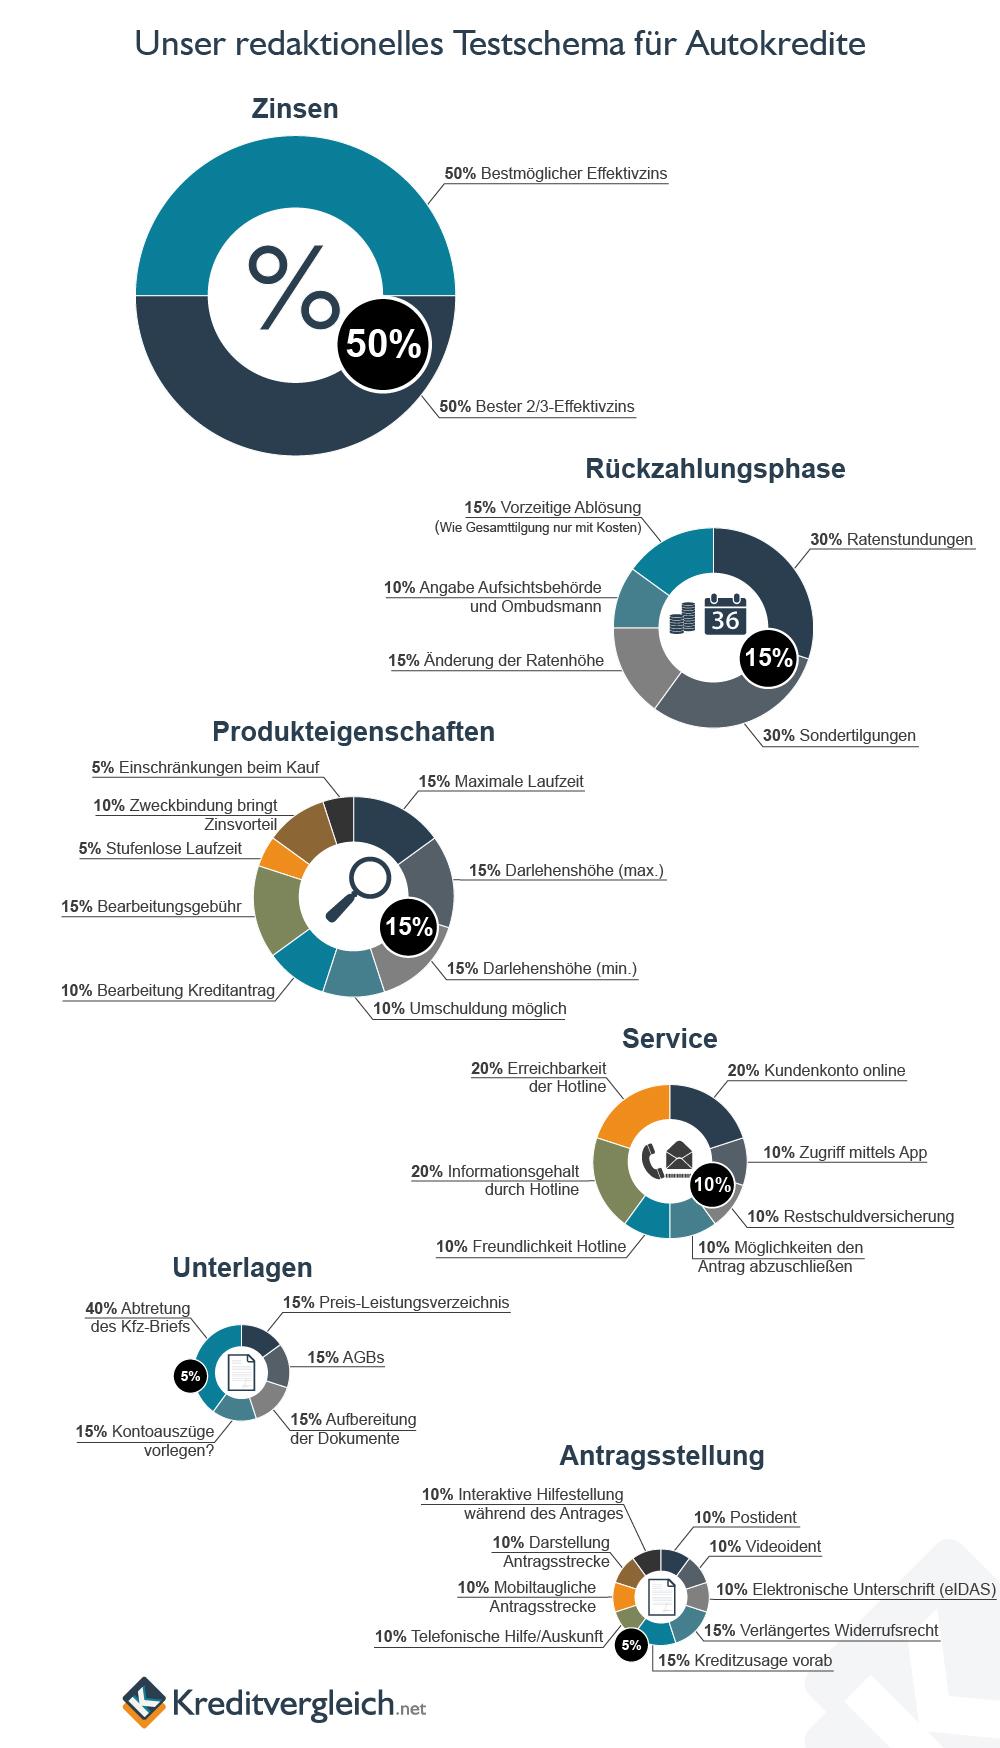 Eine Infografik mit Kuchendiagrammen über unser redaktionelles Testschema für Autokredite